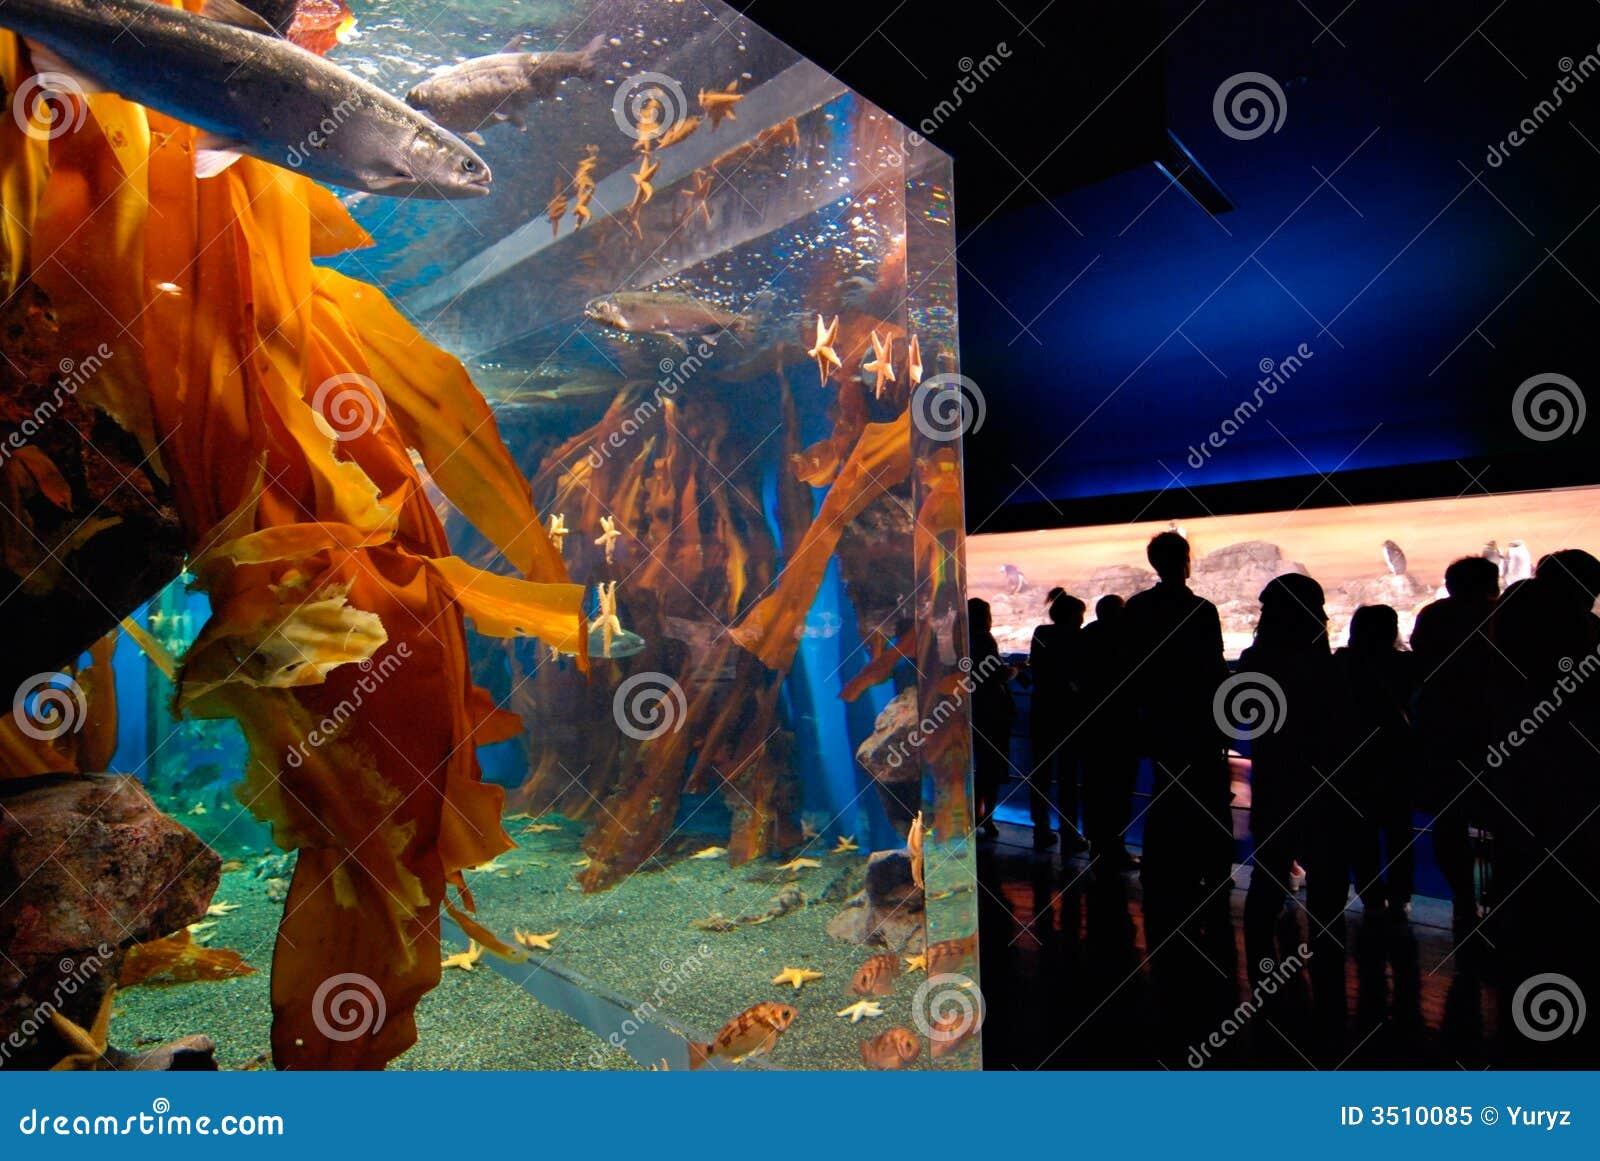 Aquarium and public